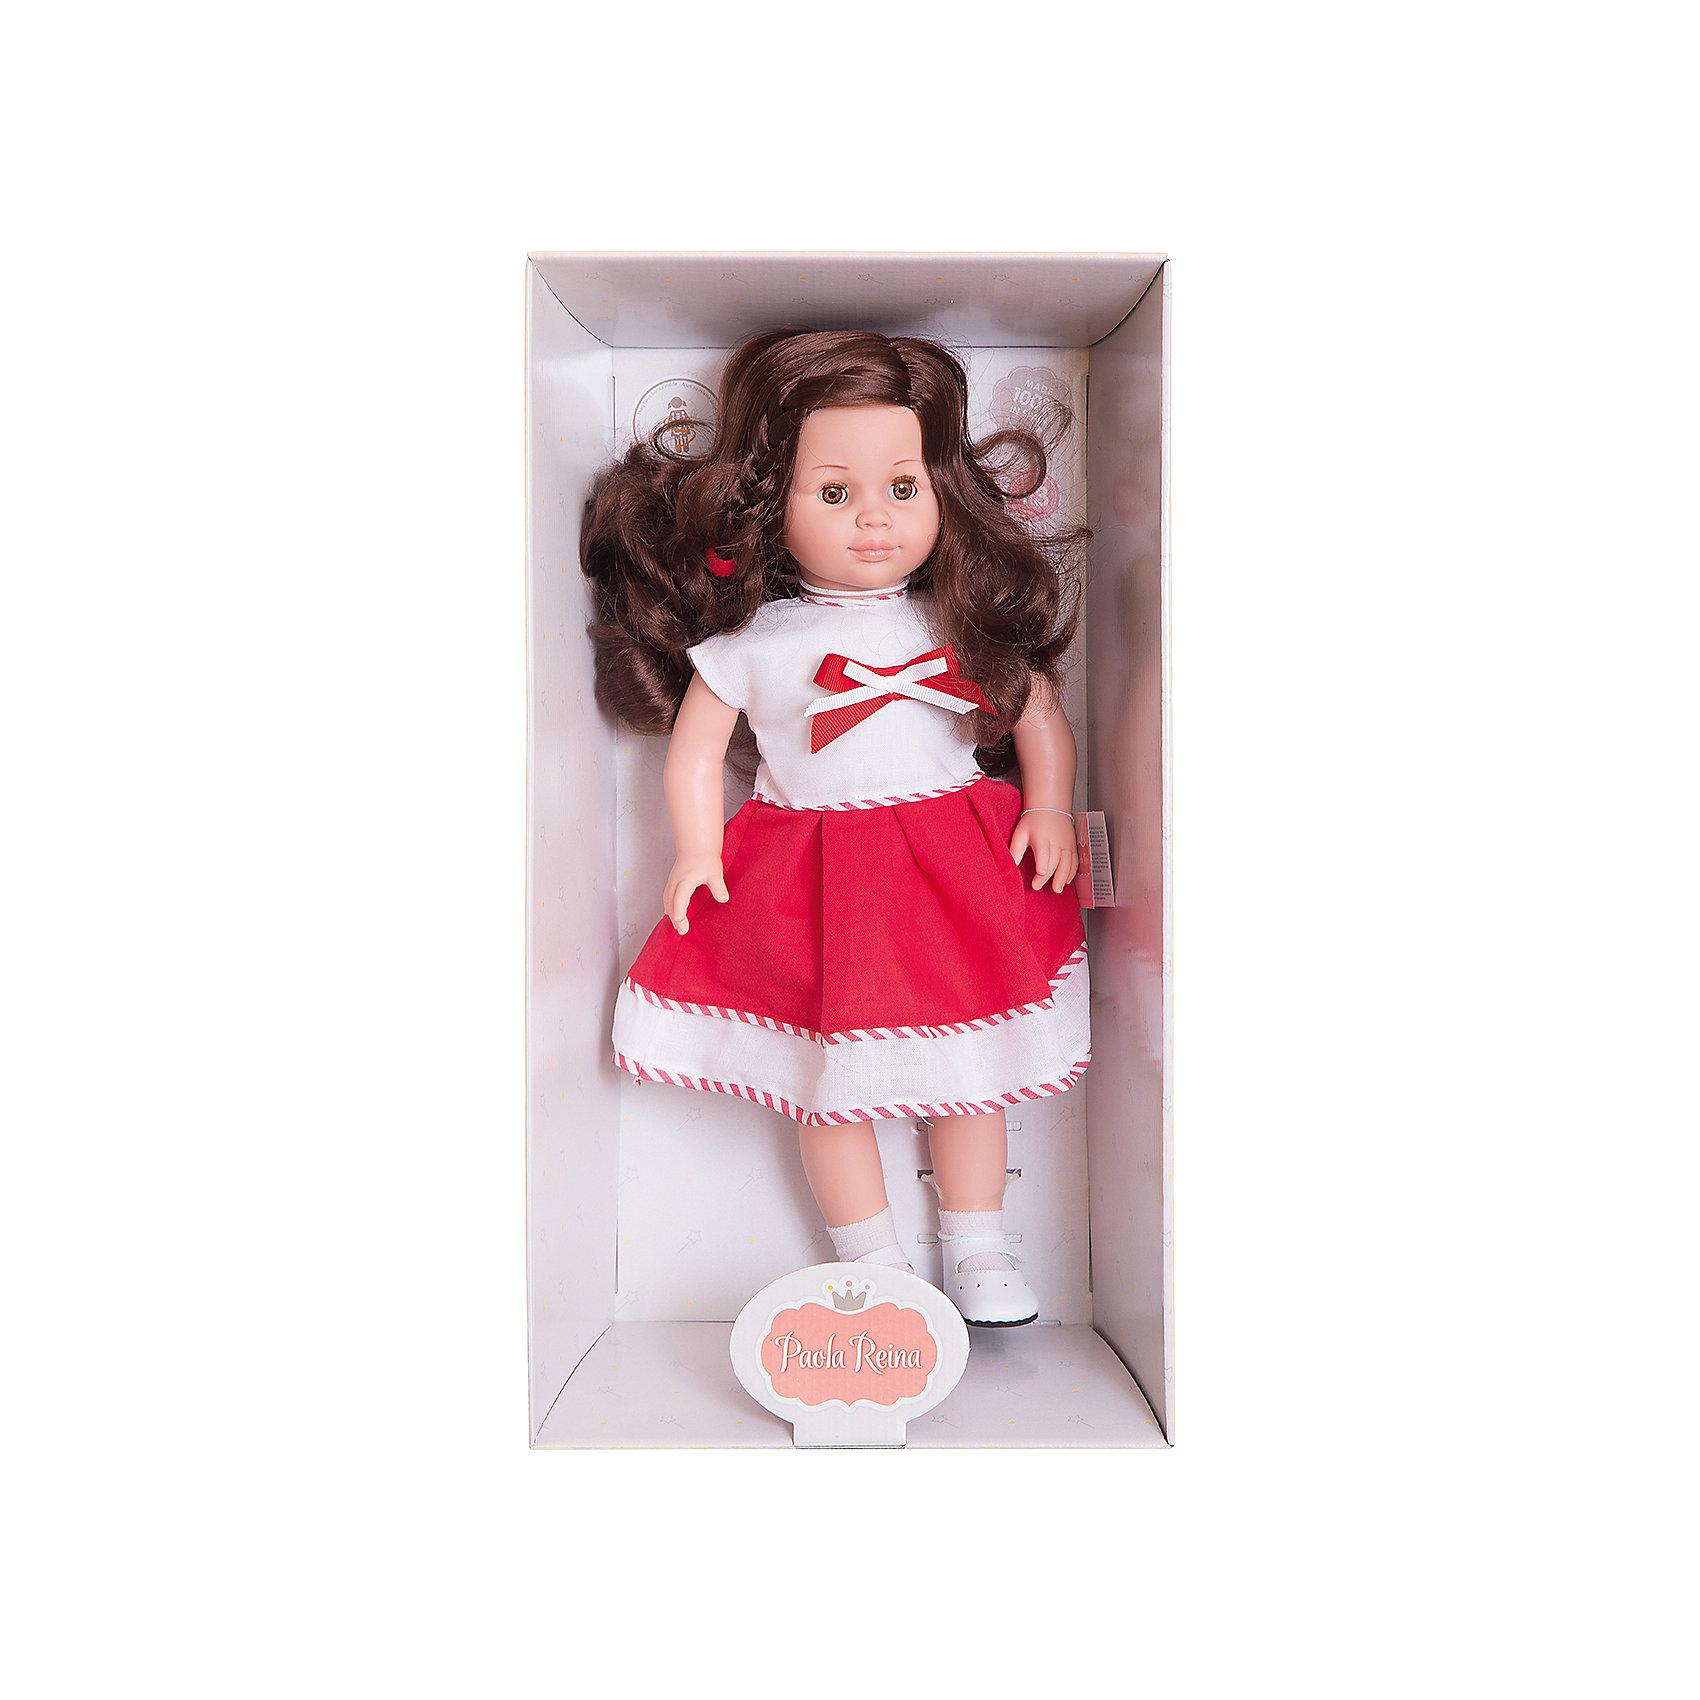 Кукла Вики, 47 см, Paola ReinaЭта очаровательная куколка приведет в восторг любую девочку! Кукла имеет мягконабивное тело и скелетный каркас, благодаря этому у нее вращаются руки и ноги (вдоль тела и на 360 градусов). Тело куклы может немного сгибаться в талии. Очаровательная Вики так похожа на маленькую озорную девочку! Она одета в милое бело-красное платье, украшенное тесьмой и бантиком, на ногах - белые носочки и маленькие туфельки. Темные блестящие волосы куколки так приятно расчесывать, создавая всевозможные прически. Куклы Паола Рейна имеют нежный ванильный аромат, одеты в модную одежду с аксессуарами. Выразительная мимика, уникальный и неповторимый дизайн лица и тела делают эти игрушки запоминающимися и уникальными. Куклы изготовлены из высококачественных нетоксичных материалов, абсолютно безопасны для детей. <br><br>Дополнительная информация:<br><br>- Материалы: кукла изготовлена из винила и текстиля; глаза выполнены в виде кристалла из прозрачного твердого пластика; волосы сделаны из высококачественного нейлона, одежда - текстиль.<br>- Размер: 47 см.<br>- Комплектация: кукла в одежде и обуви. <br>- Голова, ручки, ножки куклы подвижные.<br>- Мягконабивное тело.<br>- Нельзя мыть.<br>- Глаза закрываются.<br><br>Куклу Вики, 47 см, Paola Reina (Паола Рейна), можно купить в нашем магазине.<br><br>Ширина мм: 290<br>Глубина мм: 155<br>Высота мм: 540<br>Вес г: 1500<br>Возраст от месяцев: 36<br>Возраст до месяцев: 144<br>Пол: Женский<br>Возраст: Детский<br>SKU: 4420321